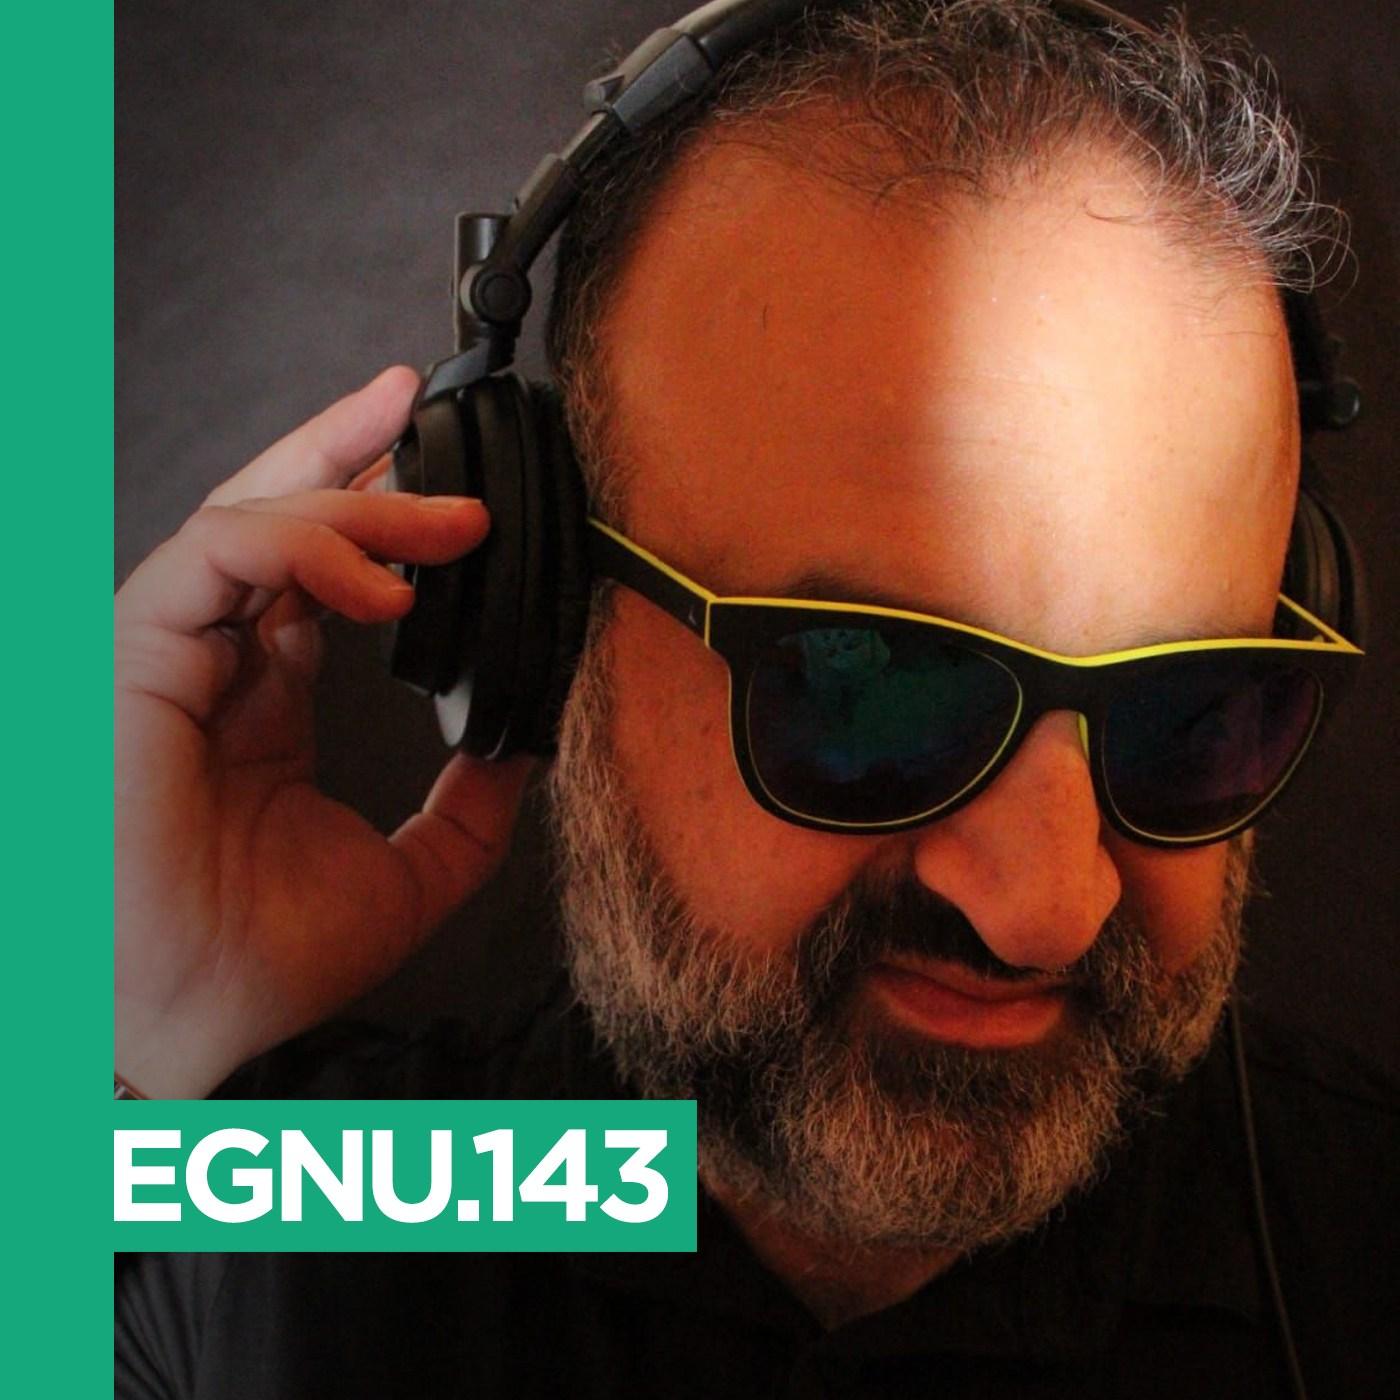 EGNU-143-URI